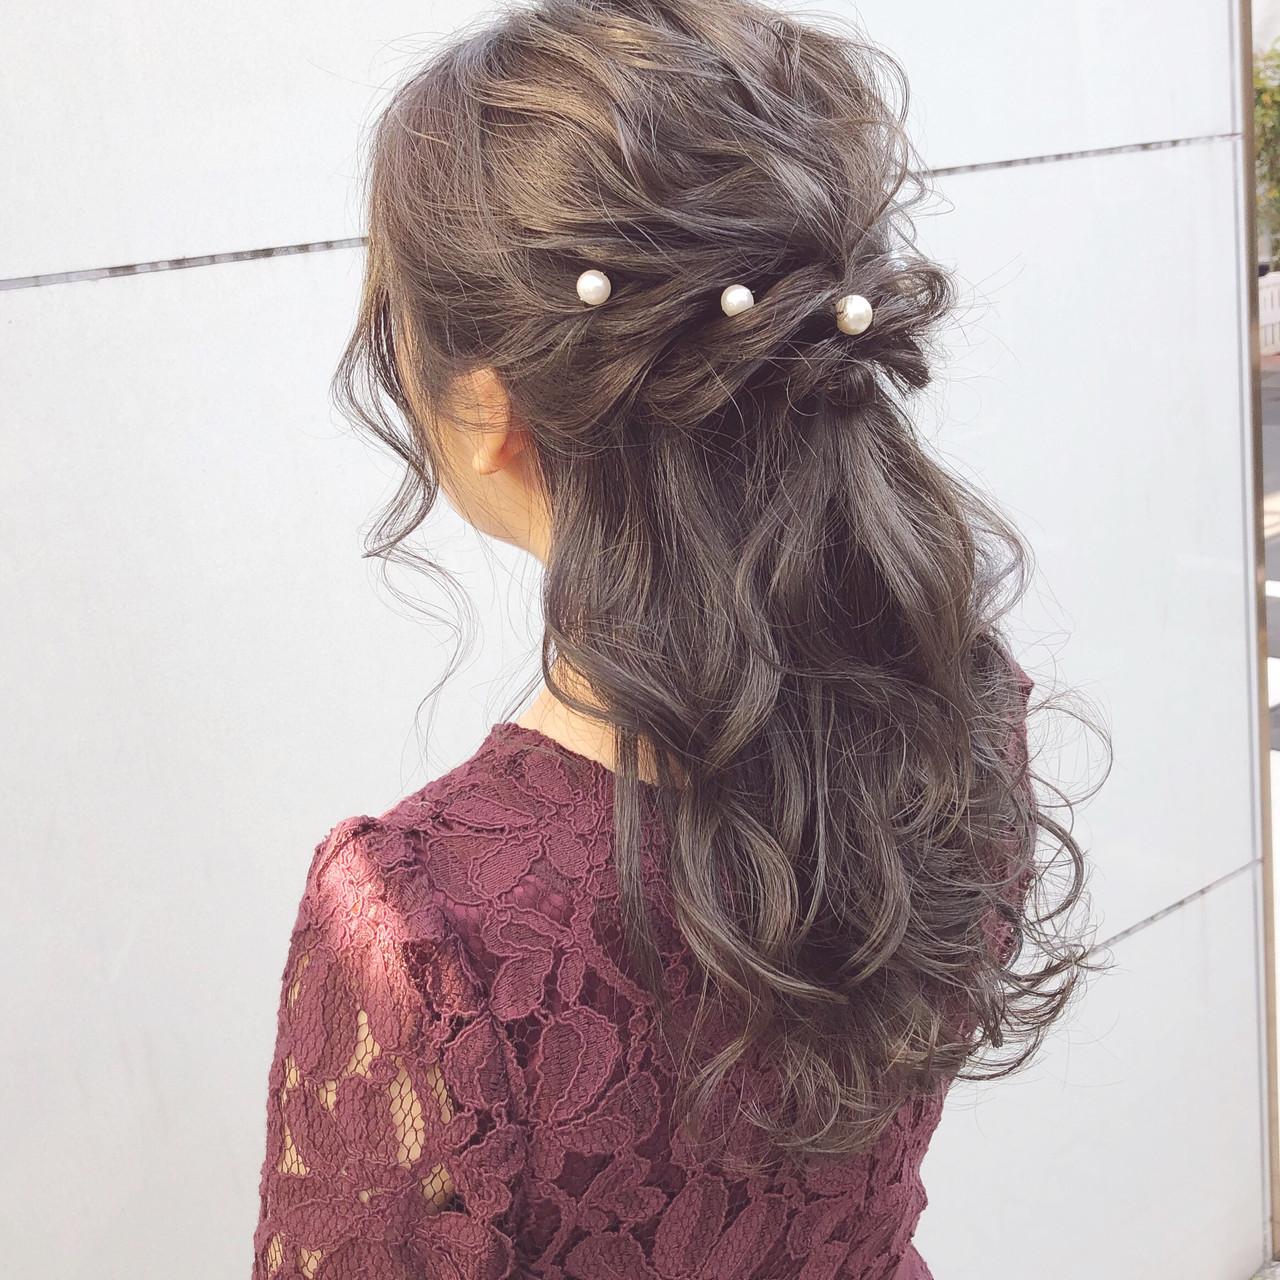 オフィス セミロング 結婚式 ナチュラル ヘアスタイルや髪型の写真・画像 | 『ボブ美容師』永田邦彦 表参道 / send by HAIR